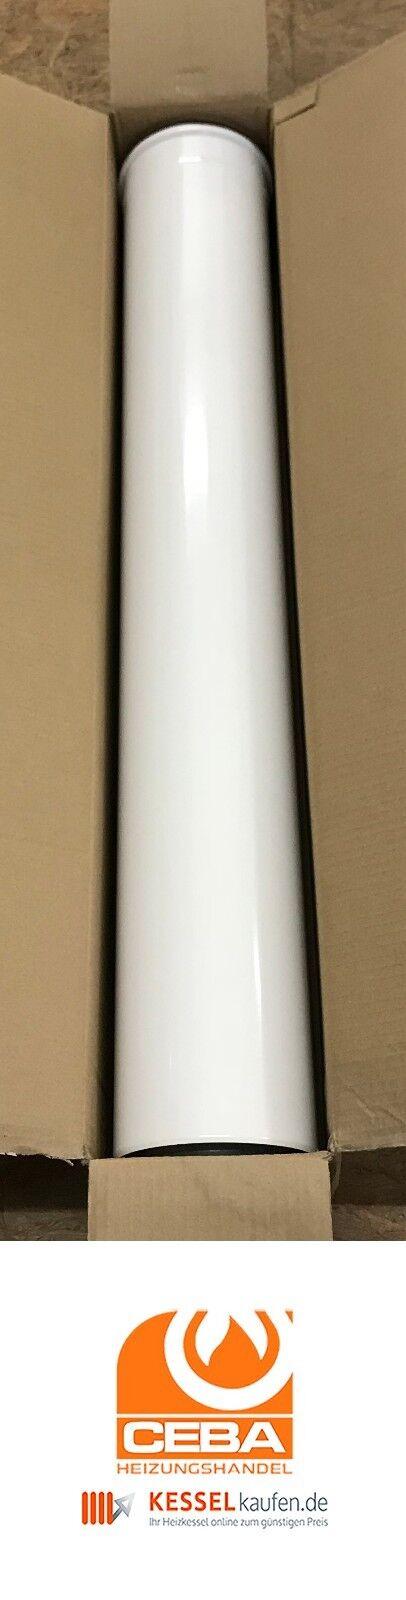 Buderus 87090372 Rohr konzentrisch DN 110/160 L=1000 innen Kunststoff